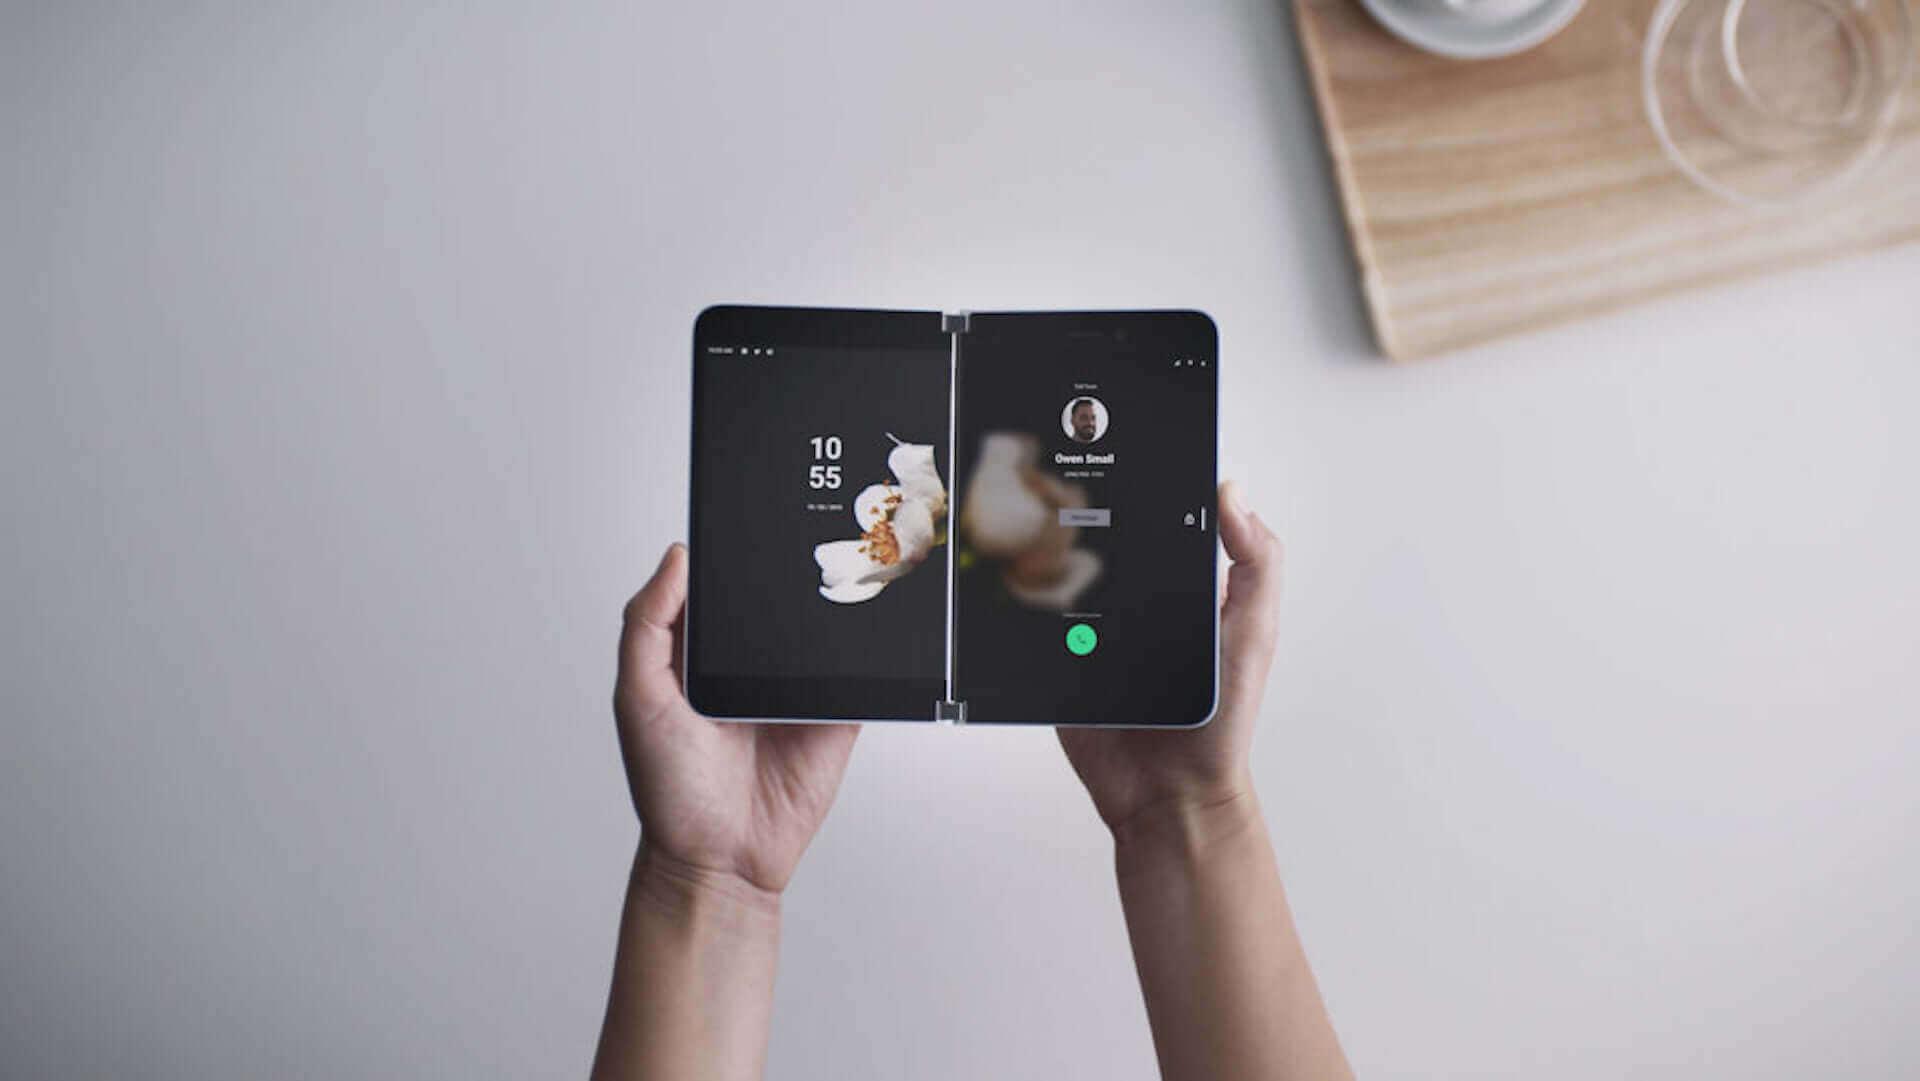 やはり折りたたみiPhoneは実現する?開発中のプロトタイプはiPhone初のノッチなしの可能性 tech200616_iphone_foldable_1